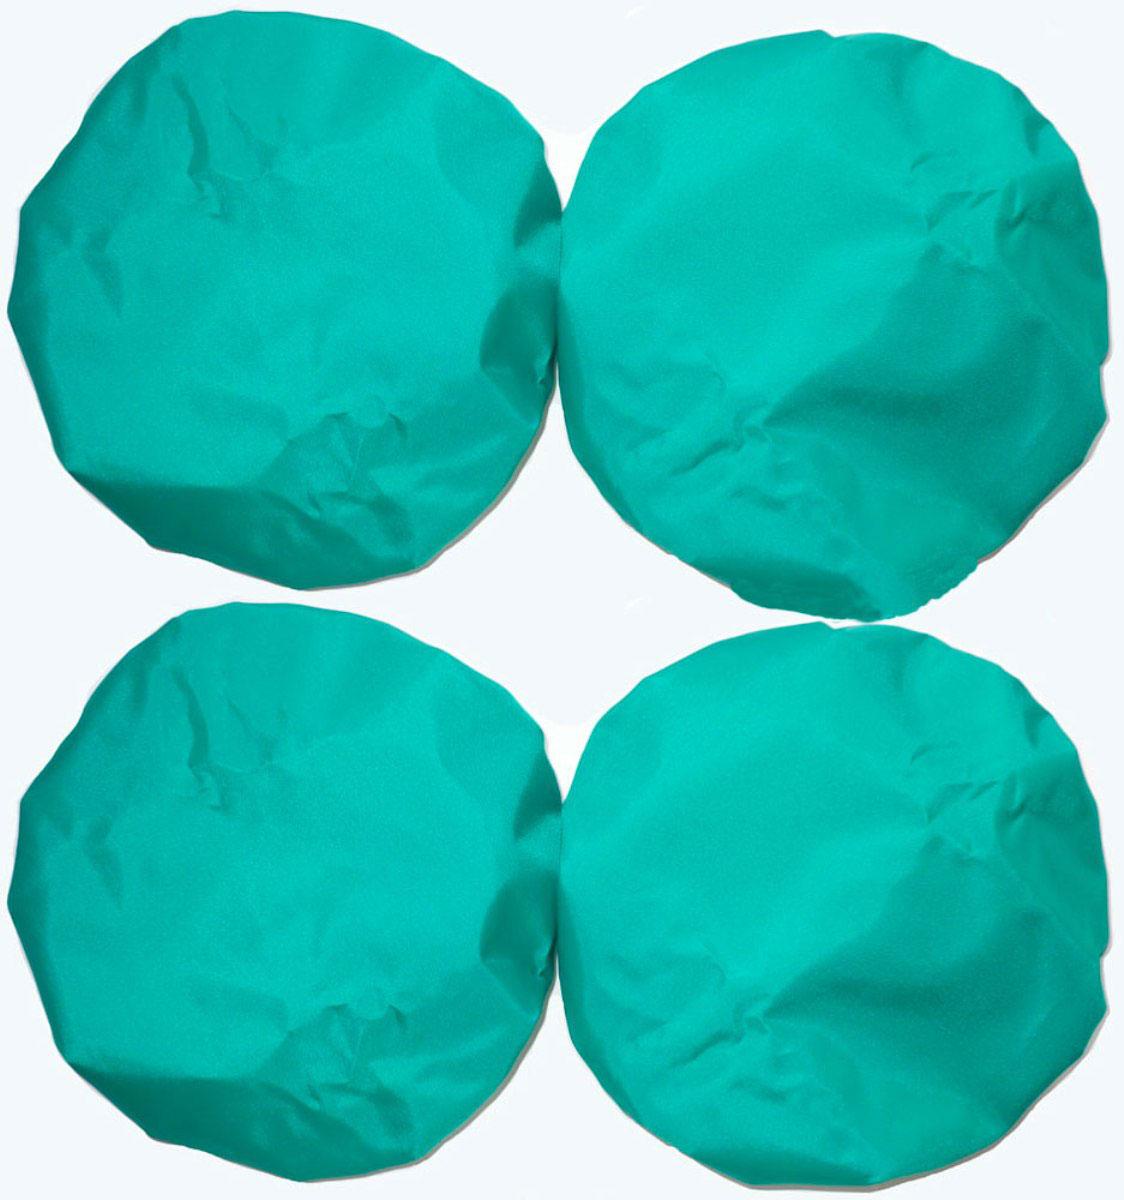 Чудо-Чадо Чехлы на колеса для коляски диаметр 28-38 см цвет зеленый 4 шт